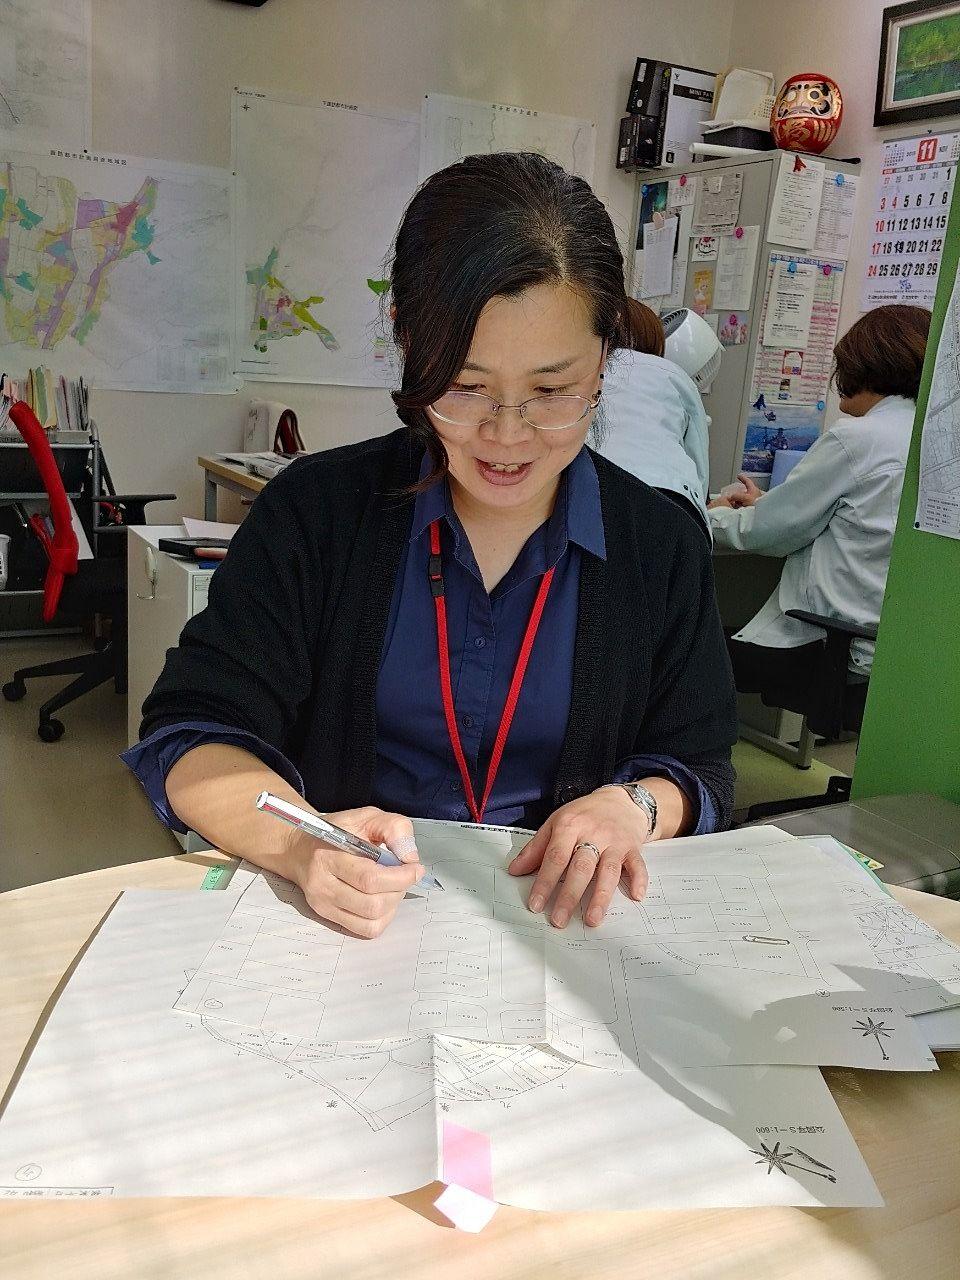 スタッフ紹介第2弾は、宅地建物取引士の資格をお持ちの山田晃子さん♪官公庁勤務の経験や独学でこの道へ踏み出した経歴、頼りになります!